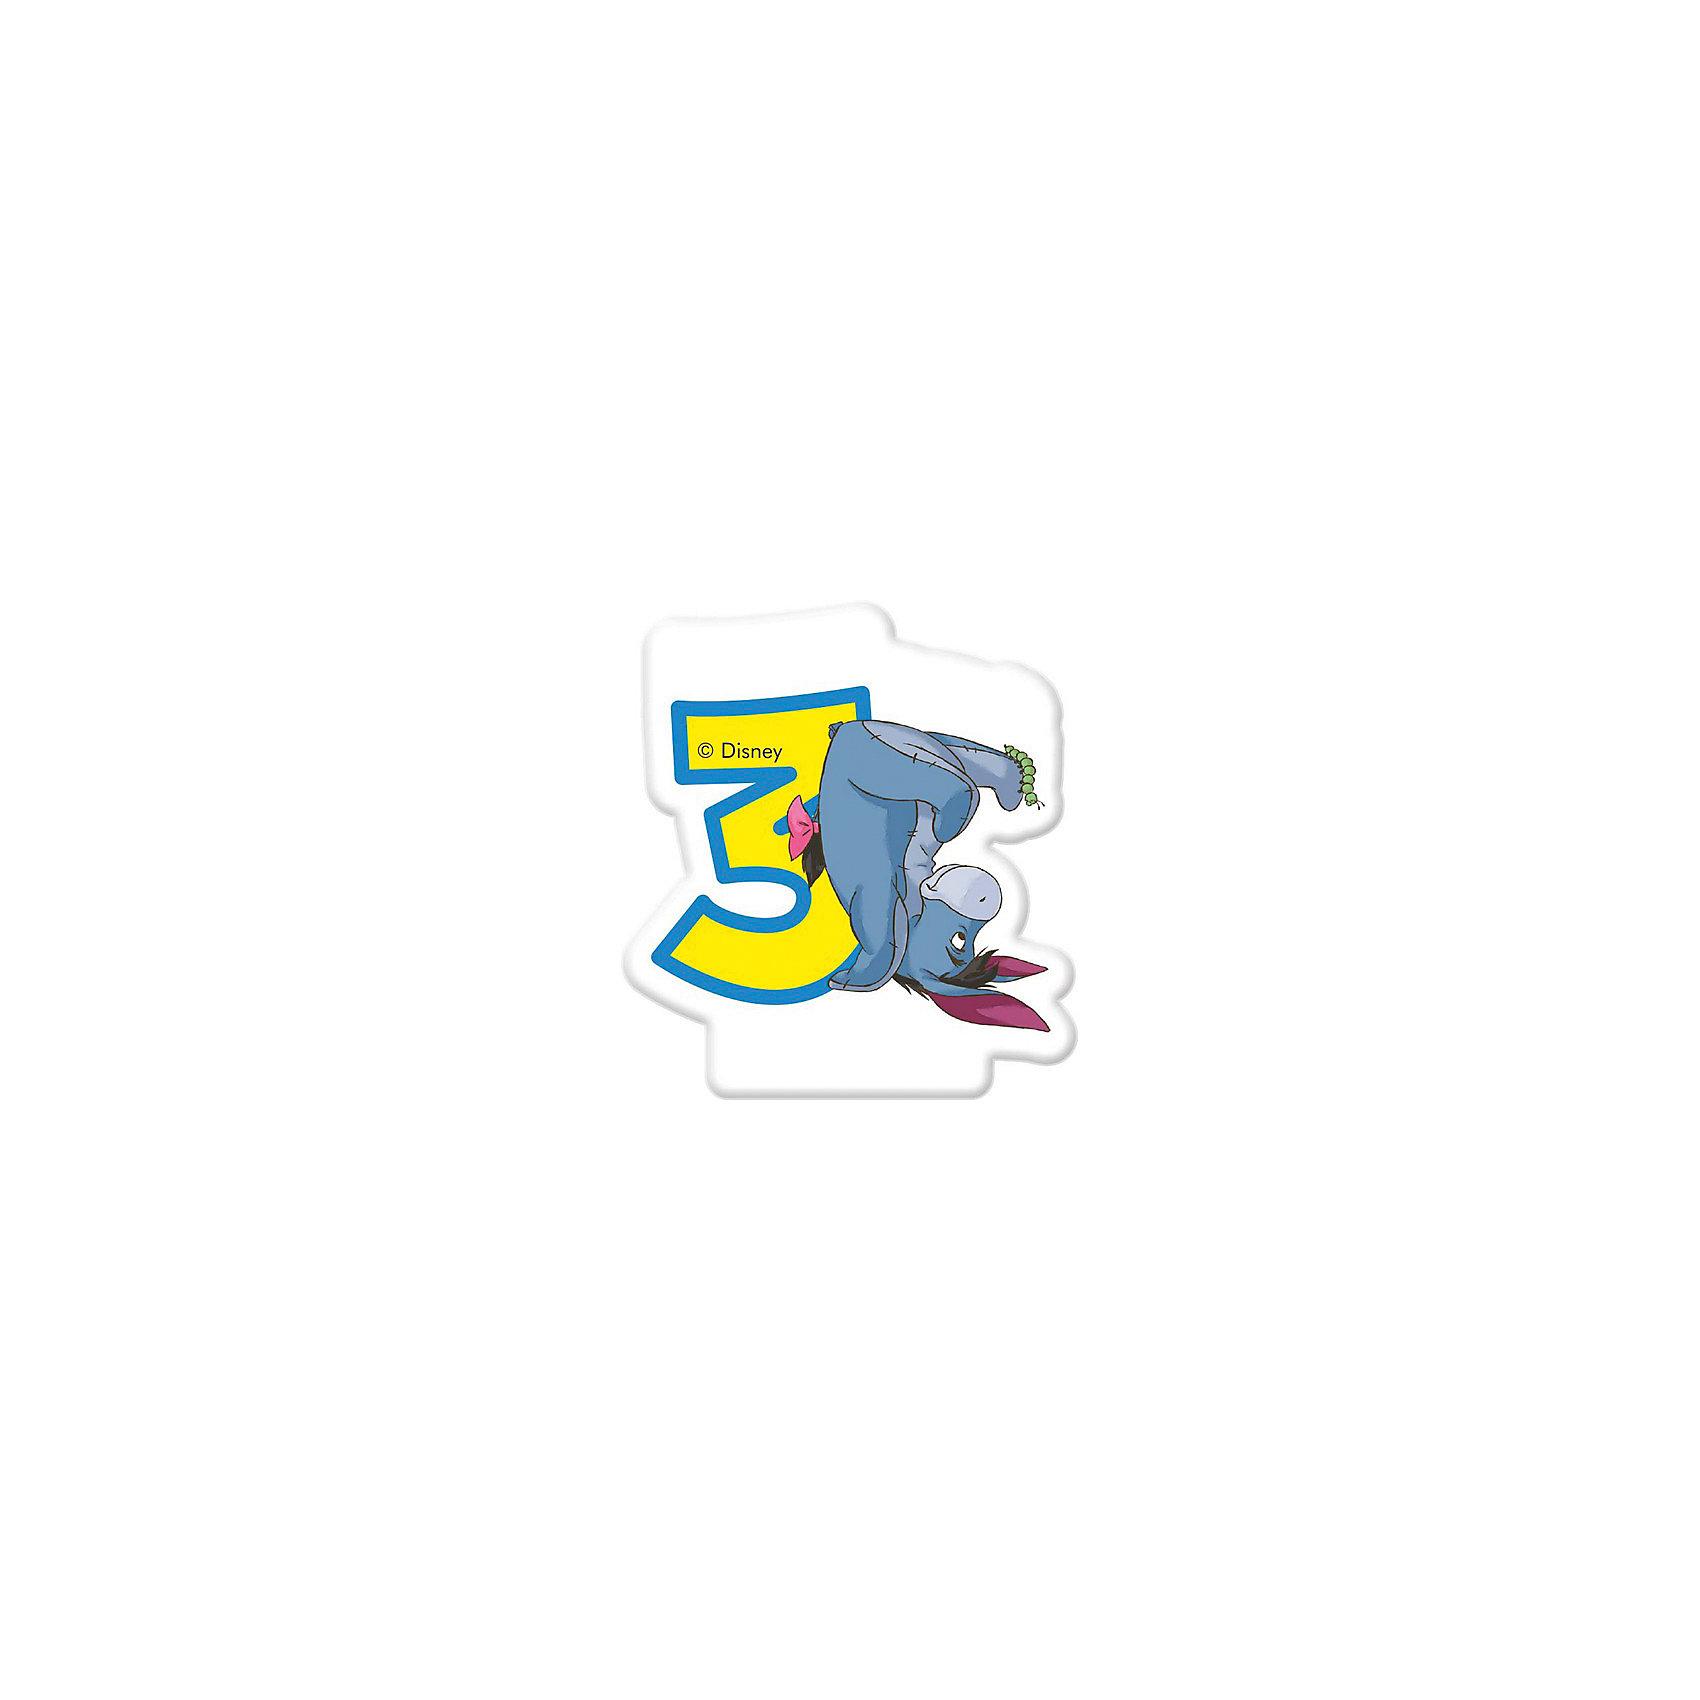 Procos Объемная свечка Винни 3 годаВинни Пух Дисней<br>Объемная свечка в форме цифры, с изображением любимого героя - используется в оформлениях кондитерских изделий!<br><br>Ширина мм: 85<br>Глубина мм: 35<br>Высота мм: 130<br>Вес г: 33<br>Возраст от месяцев: 36<br>Возраст до месяцев: 168<br>Пол: Унисекс<br>Возраст: Детский<br>SKU: 2431262